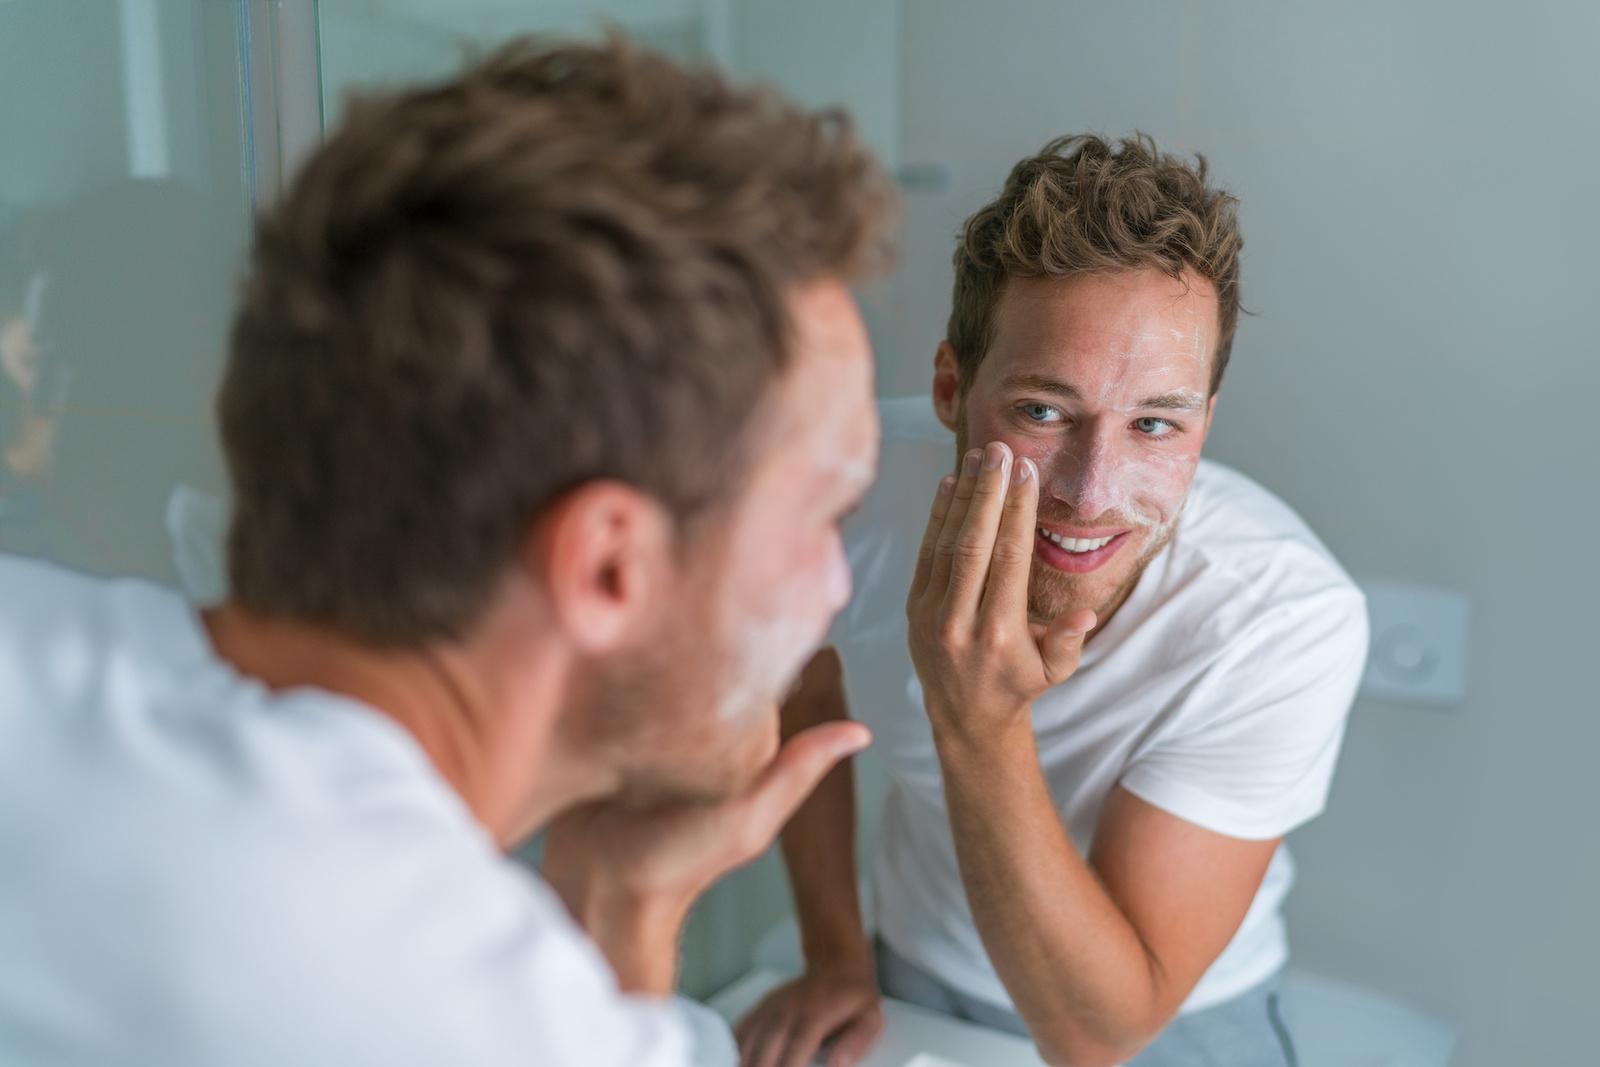 Problemy z cerą? Jak dbać o skórę, kiedy masz trądzik lub wypryski